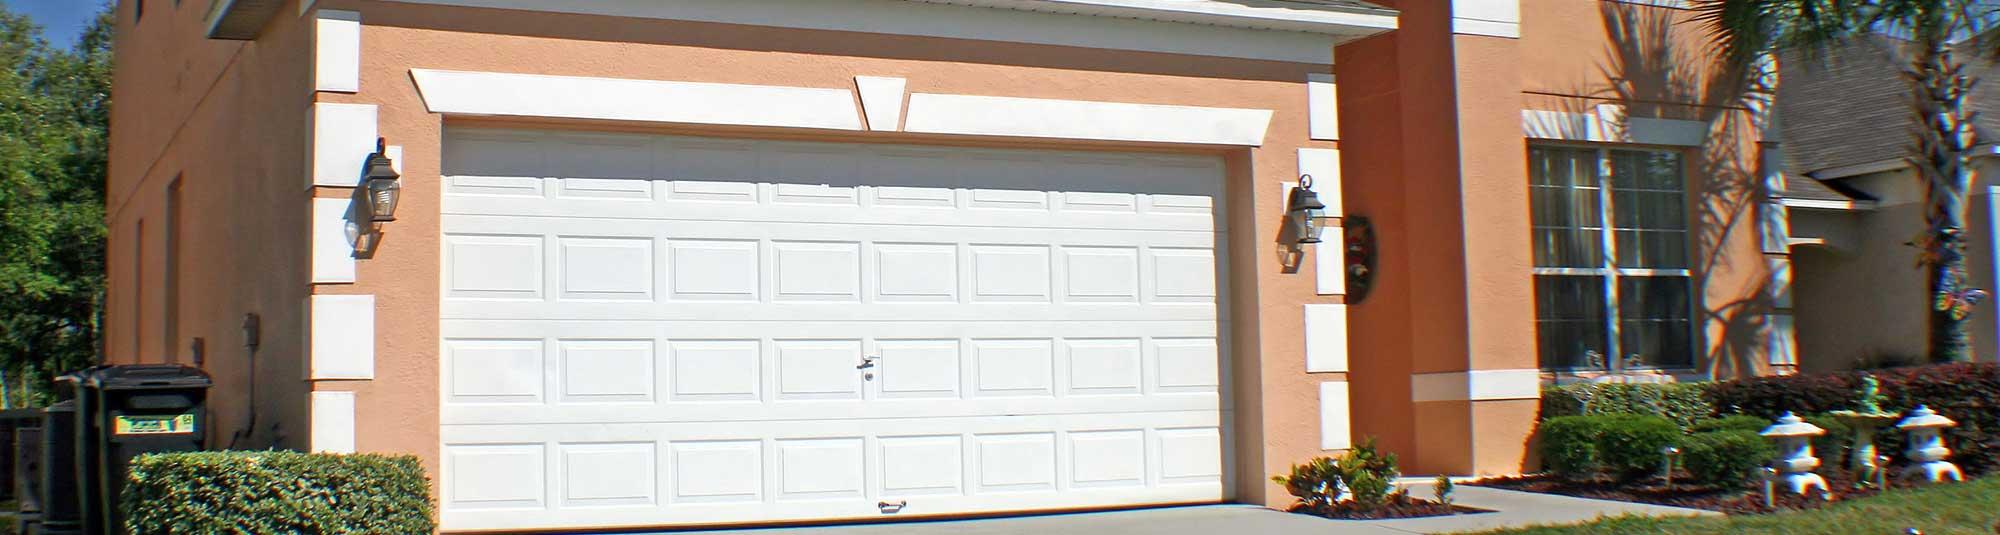 Garage door openers overhead doors roll up doors and more in parkland fl